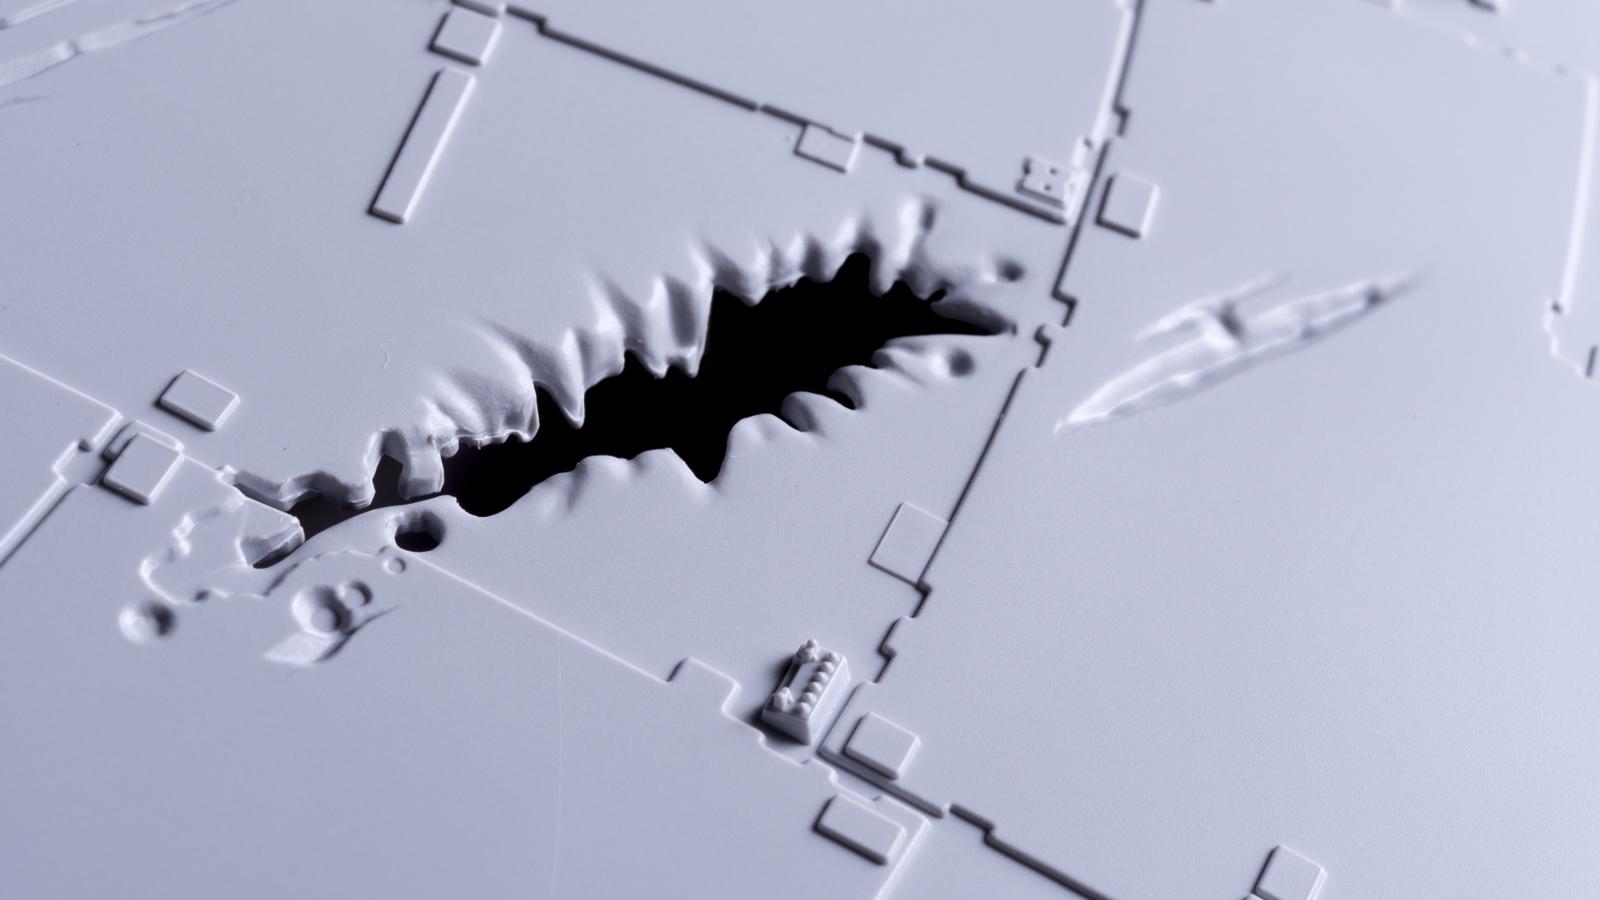 """「模型で作った模型の模型」、バンダイのミレニアムファルコンが持つ\""""パーフェクト\""""の意味【前編】_b0029315_00225184.jpg"""